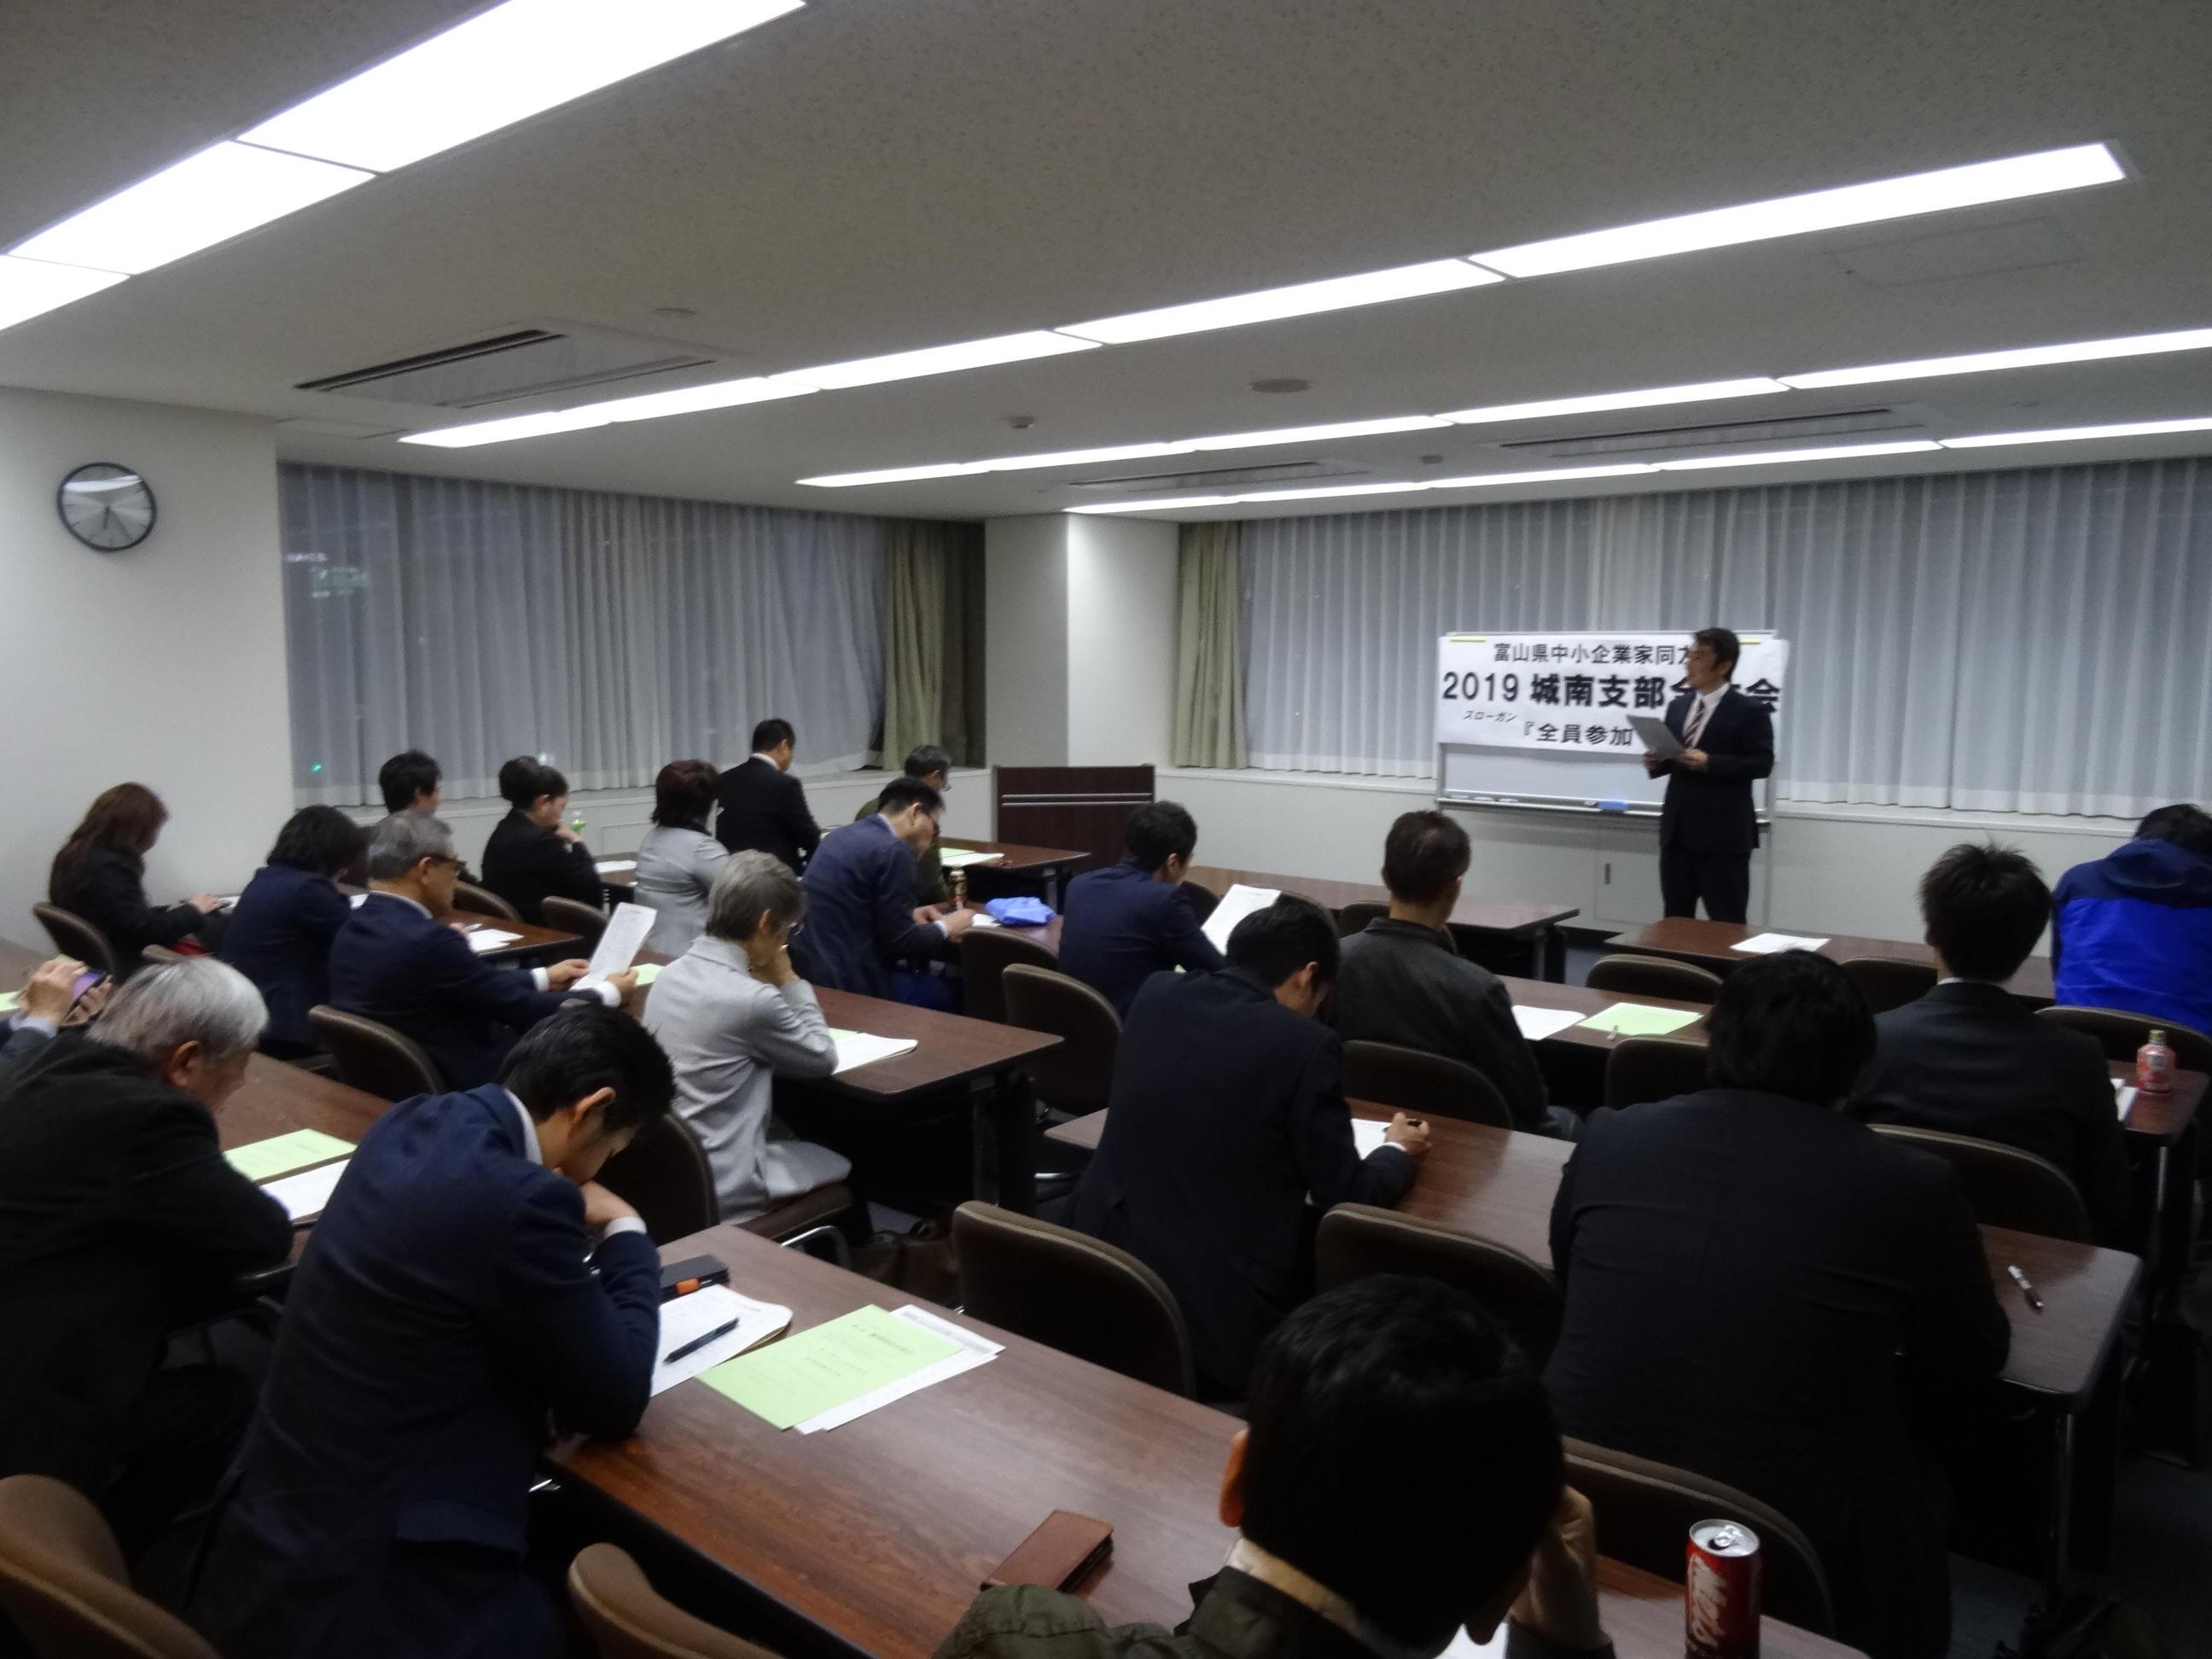 平成31年 4月 6日(土)に富山県民会館で行われました 城南支部全体会が行われました。